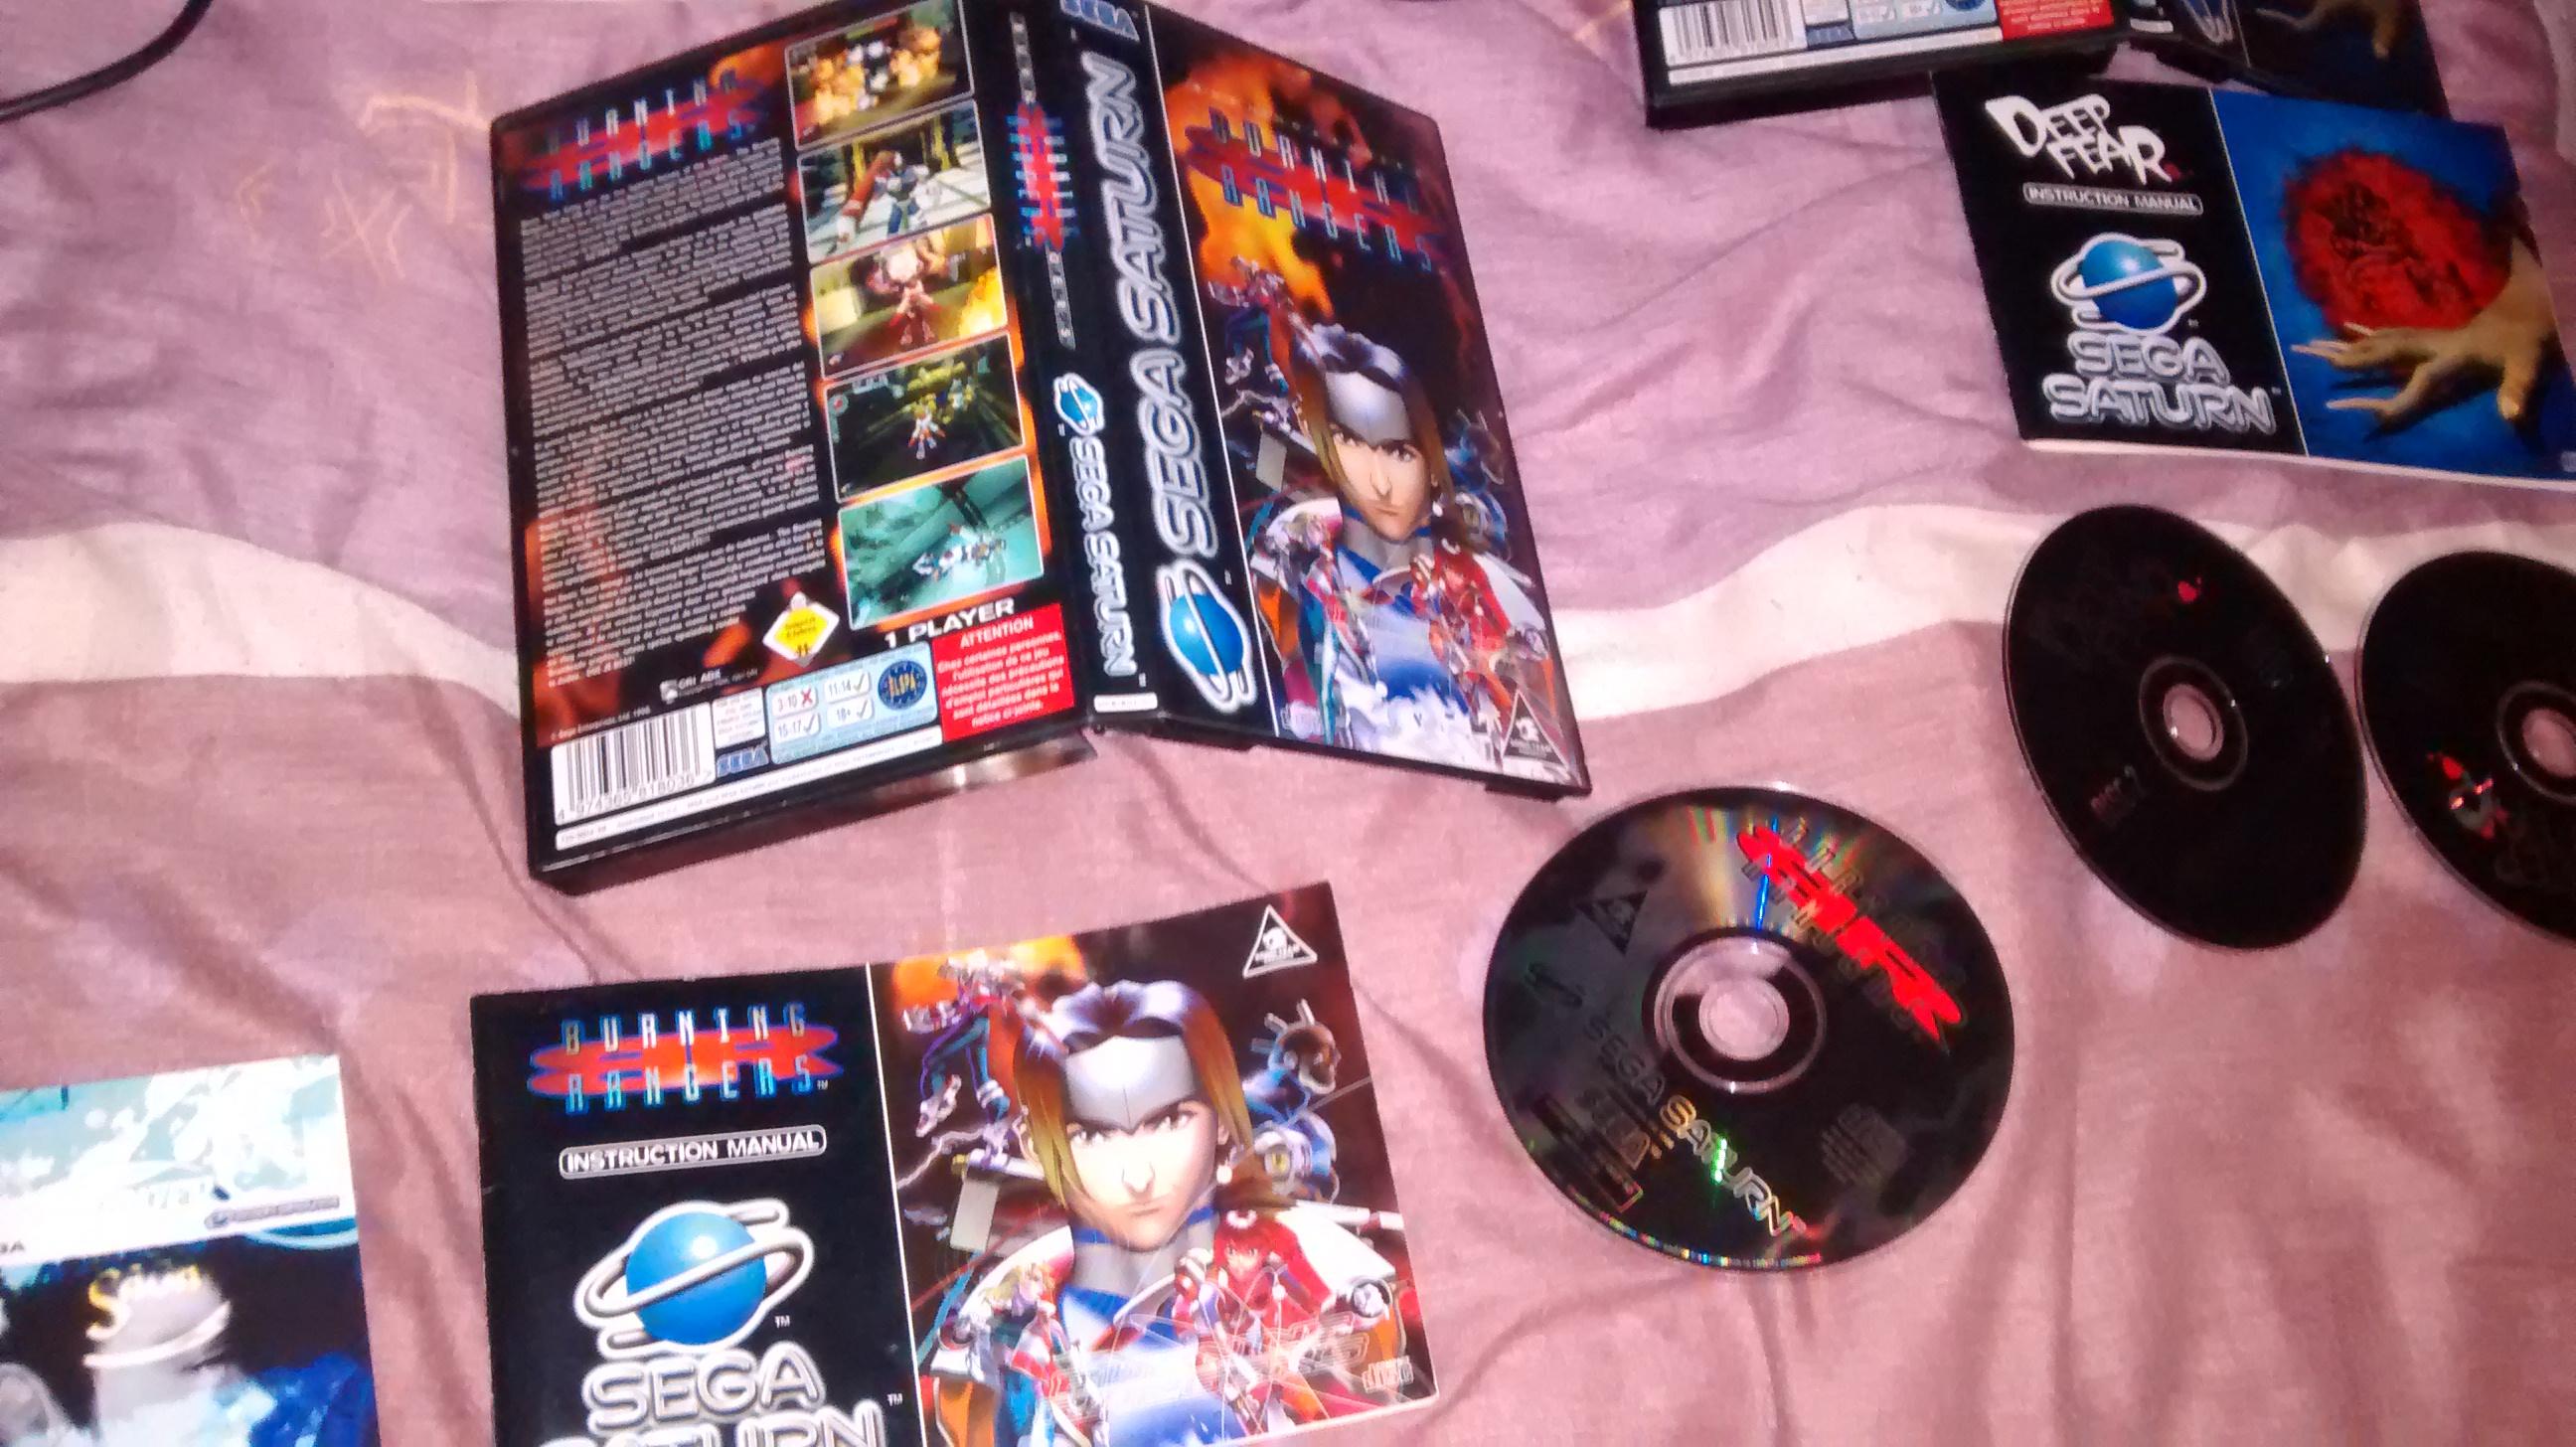 [Vds] Lot Dreamcast - MS/MD et Saturn Update 18/01 ajout Jeux Sat Jap - Page 3 164636IMG20160118012443011